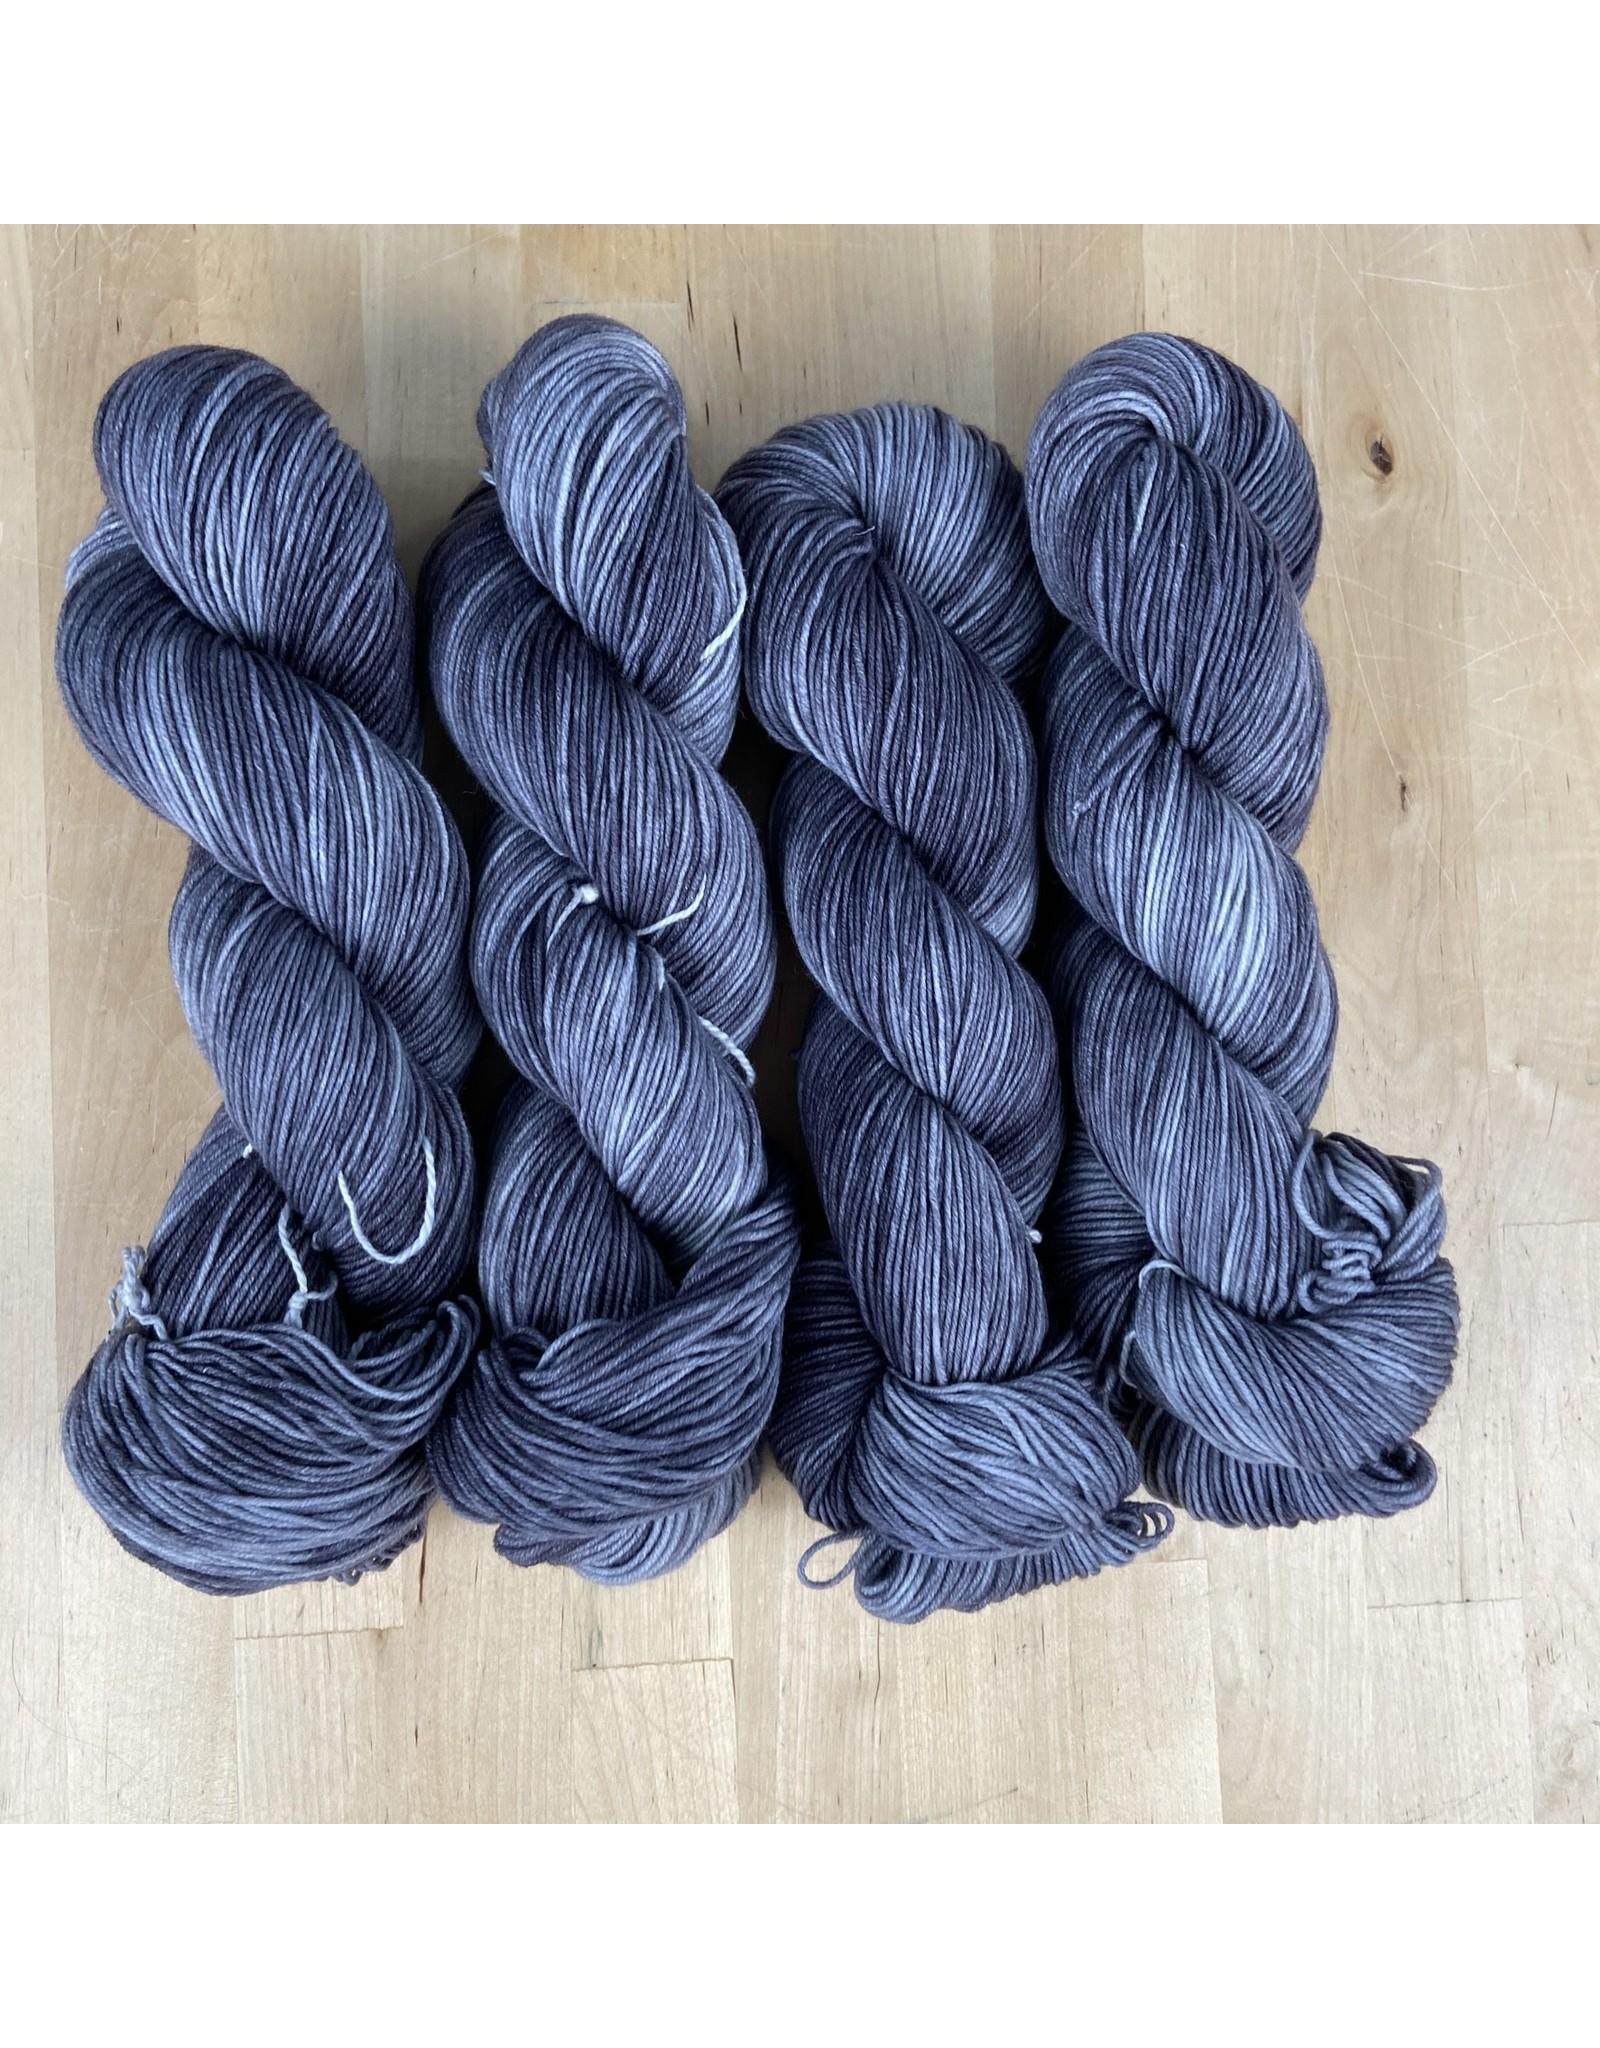 Luminous Brooklyn Greys and Greys - Radiant Sock - Luminous Brooklyn